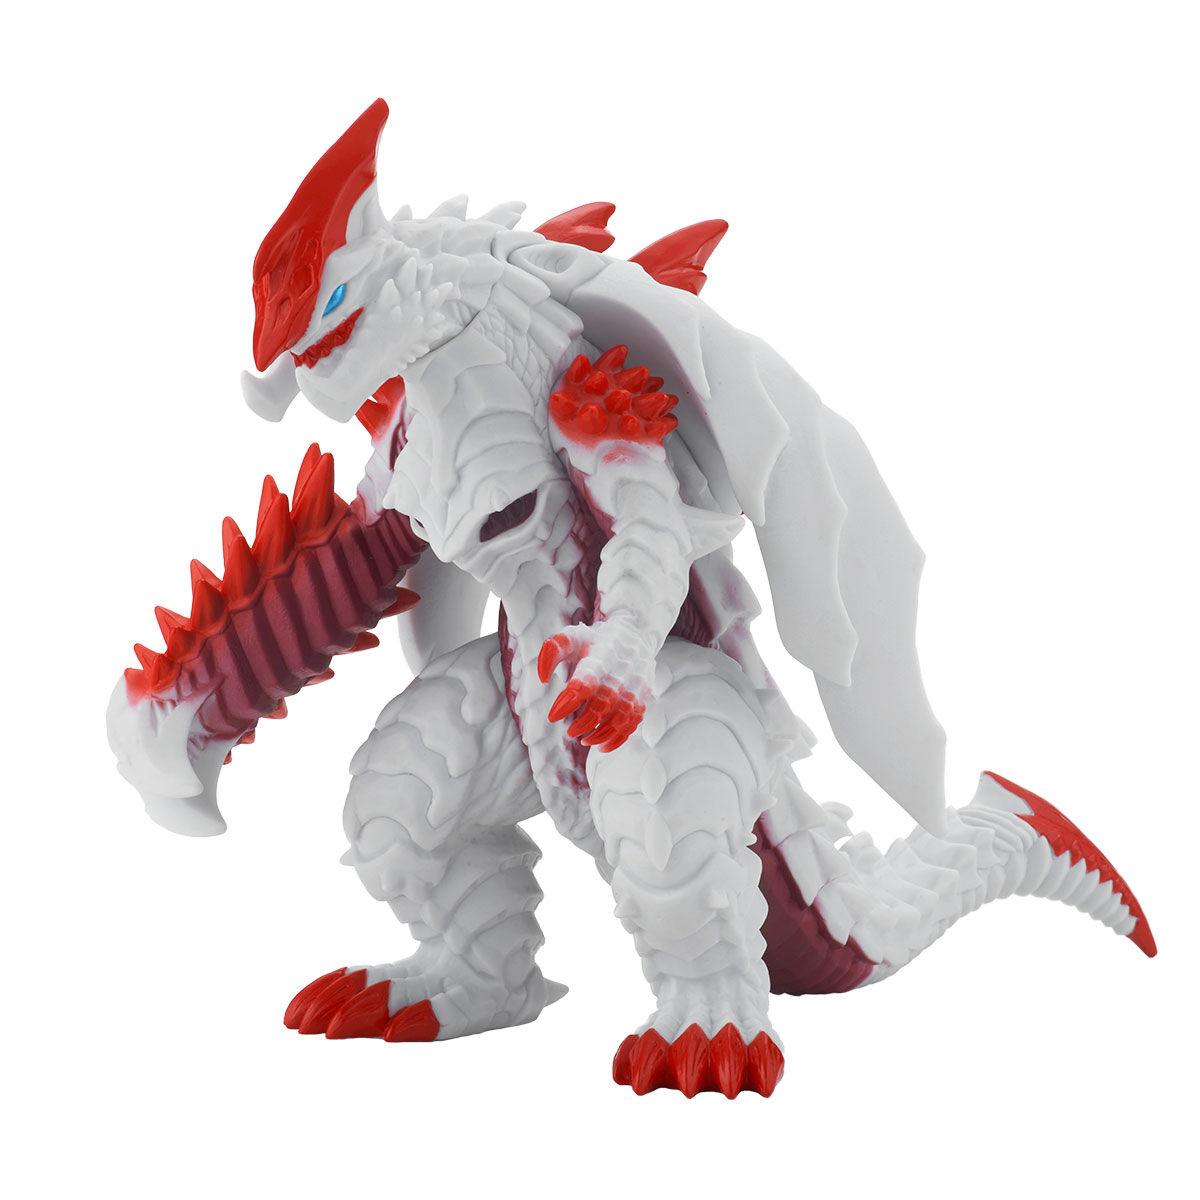 ウルトラ怪獣DX スネークダークネス